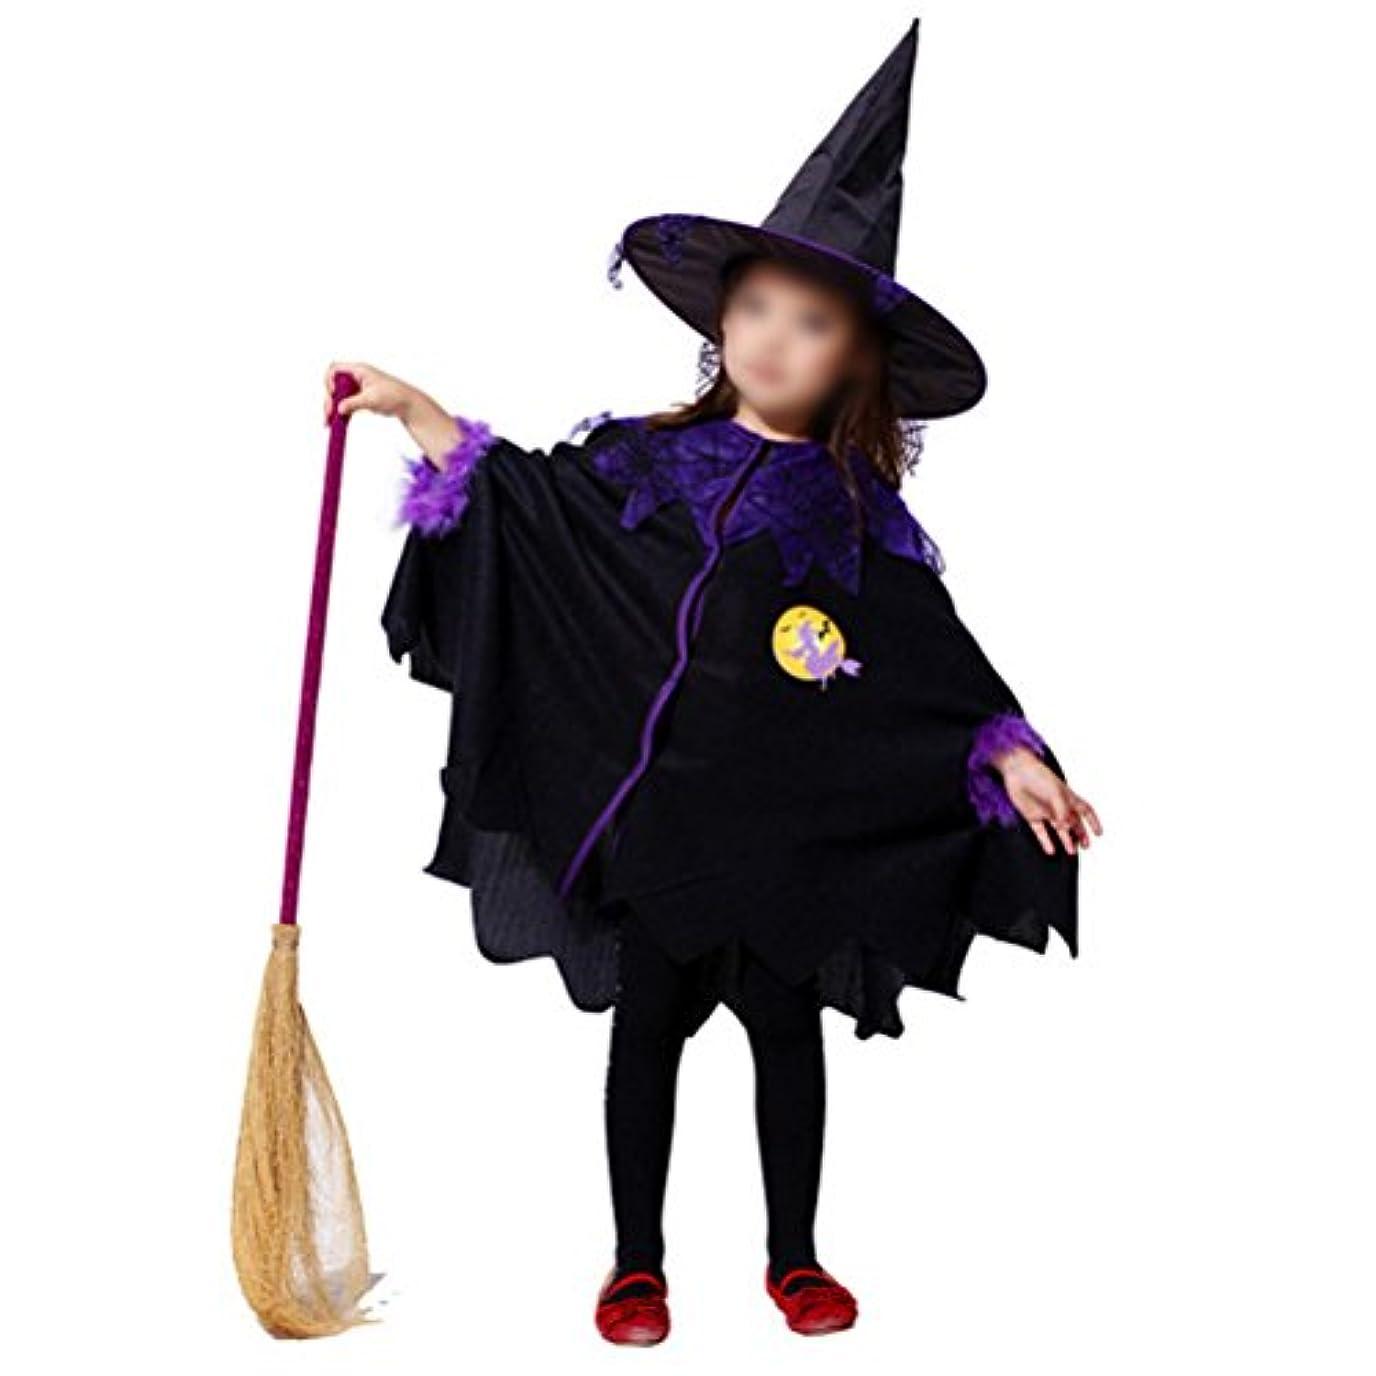 若い計算する会話型BESTOYARD 子供ハロウィンコスプレ衣装コスプレドレスアップ帽子とクローク(ブラックL)